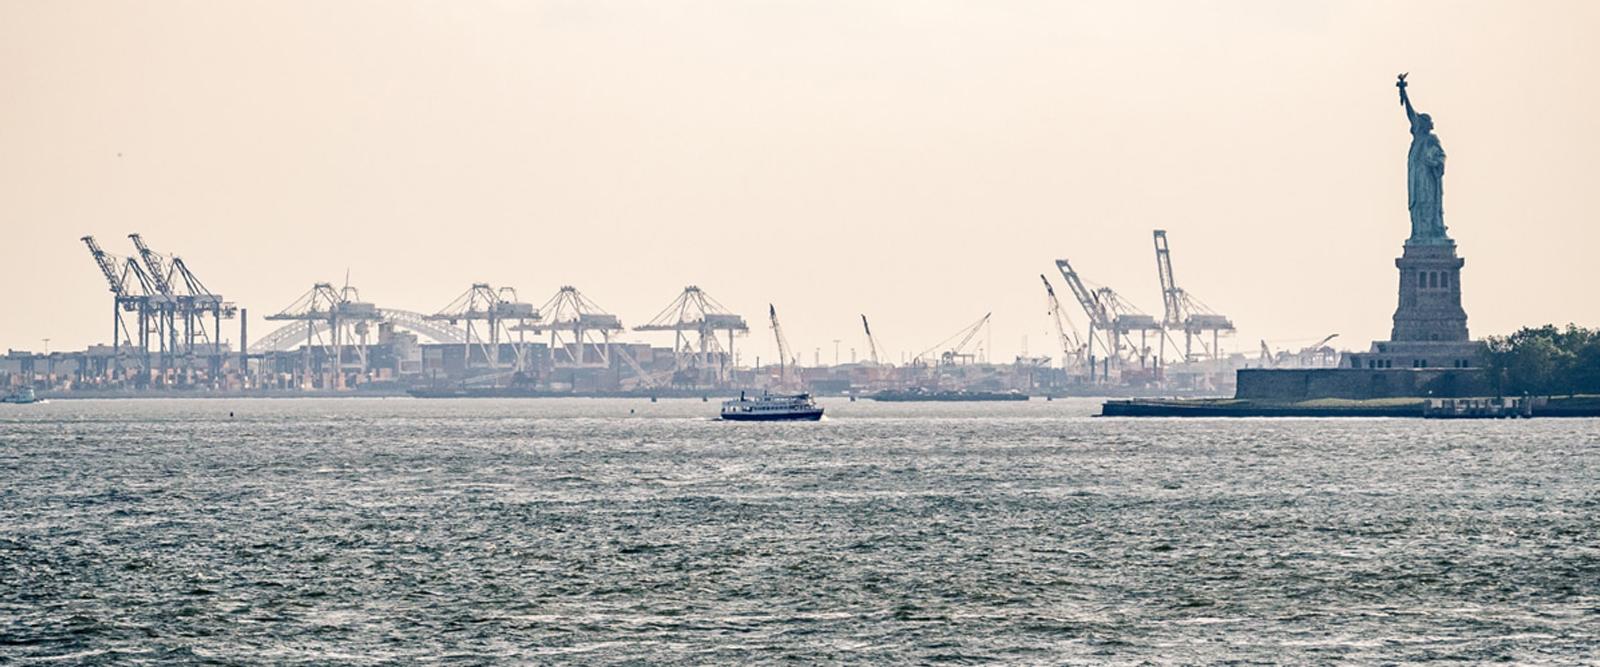 Vue d'un des plus grands ports aux états-unis d'amérique